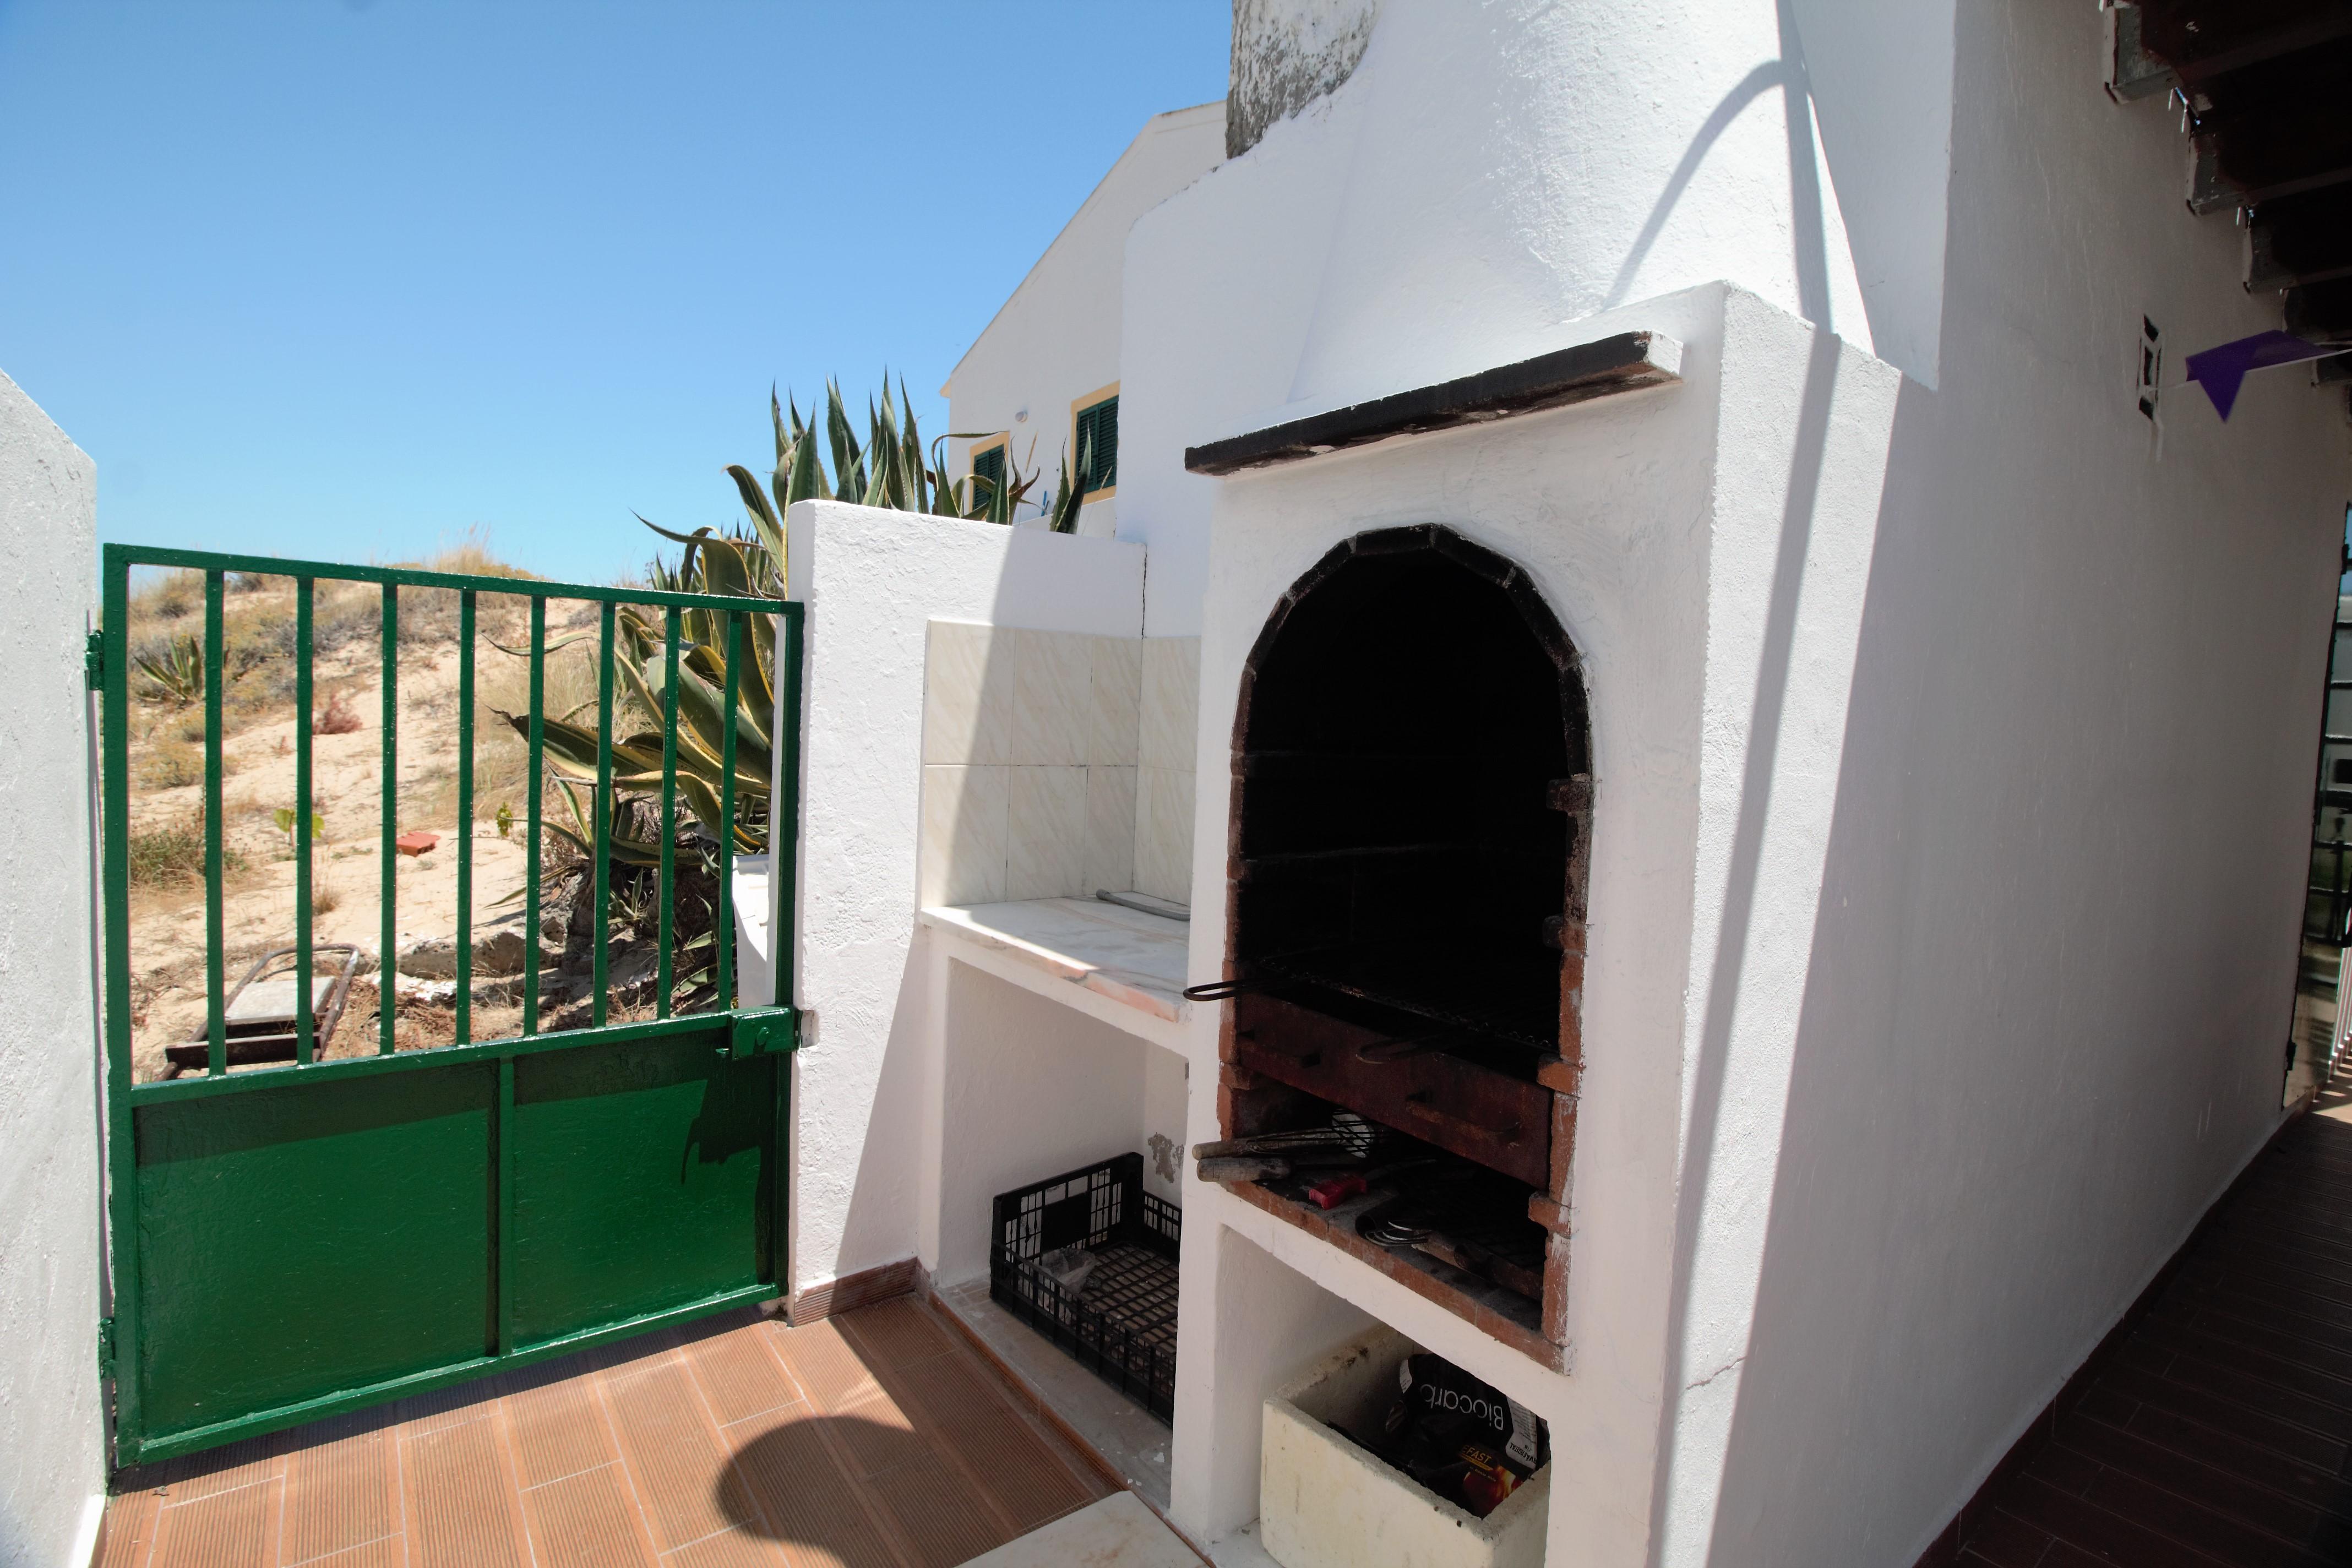 Holiday apartments and villas for rent, Moradia no Algarve com vista mar 10 mint da praia (a pé) in Olhão, Portugal Algarve, REF_IMG_6691_6706